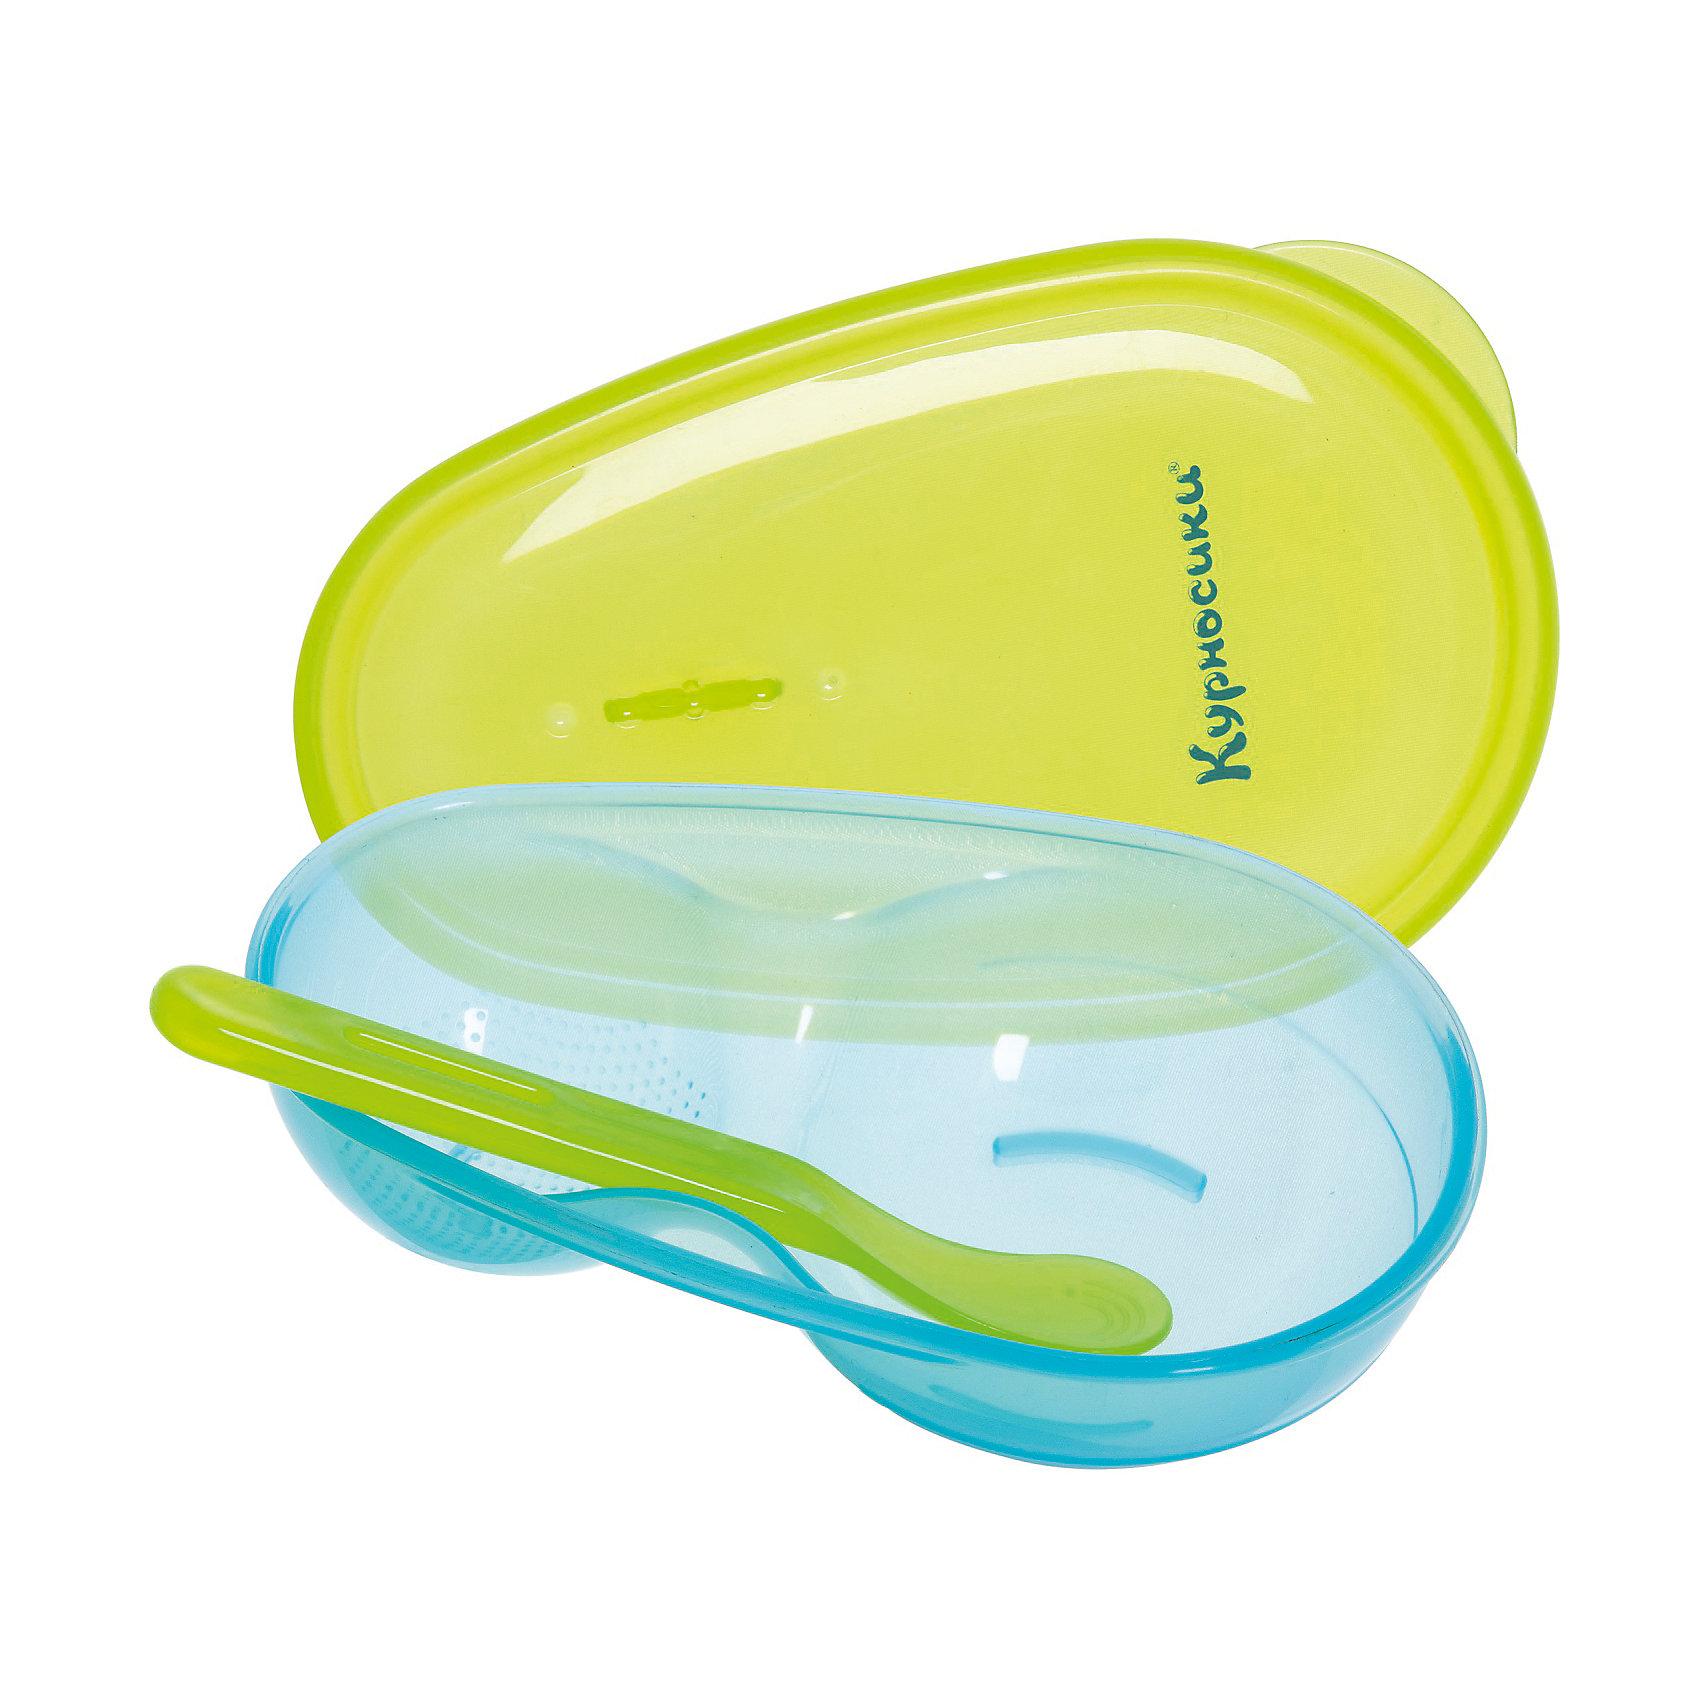 Тарелочка двухсекционная с крышкой и ложечкой, Kurnosiki, голубой/салатовыйПосуда для малышей<br>Характеристики:<br><br>• Наименование: тарелочка для первых блюд<br>• Материал: пластик<br>• Пол: для мальчика<br>• Цвет: голубой/салатовый<br>• Тематика рисунка: без рисунка<br>• Комплектация: тарелка из двух секций, крышка, ложка<br>• Можно использовать как для холодных, так и для горячих блюд<br>• Можно использовать для СВЧ<br>• Вес: 110 г<br>• Параметры (Д*Ш*В): 21*5*14 см <br>• Особенности ухода: разрешается мыть в посудомоечной машине<br><br>Тарелочка двухсекционная с крышкой и ложечкой, Kurnosiki, красный выполнена из безопасного и ударопрочного пластика, устойчивого к появлению царапин и сколов. Две глубокие секции позволяют использовать тарелочку как для первых, так и для вторых блюд. Большая секция имеет ребристую поверхность, что облегчает измельчение и перетирание пищи. <br><br>В комплекте имеется безопасная ложечка, для которой предусмотрено крепление внутри тарелки. Для сохранения свежести пищи у тарелки предусмотрена крышка, которая обеспечивает герметичность. Набор выполнен в ярком цвете, имеет компактный размер и легкий вес, поэтому его удобно брать с собой в длительные поездки, на пикники или в путешествия. <br><br>Тарелочку двухсекционную с крышкой и ложечкой, Kurnosiki, красный можно купить в нашем интернет-магазине.<br><br>Ширина мм: 70<br>Глубина мм: 140<br>Высота мм: 210<br>Вес г: 86<br>Возраст от месяцев: 4<br>Возраст до месяцев: 36<br>Пол: Мужской<br>Возраст: Детский<br>SKU: 5428722